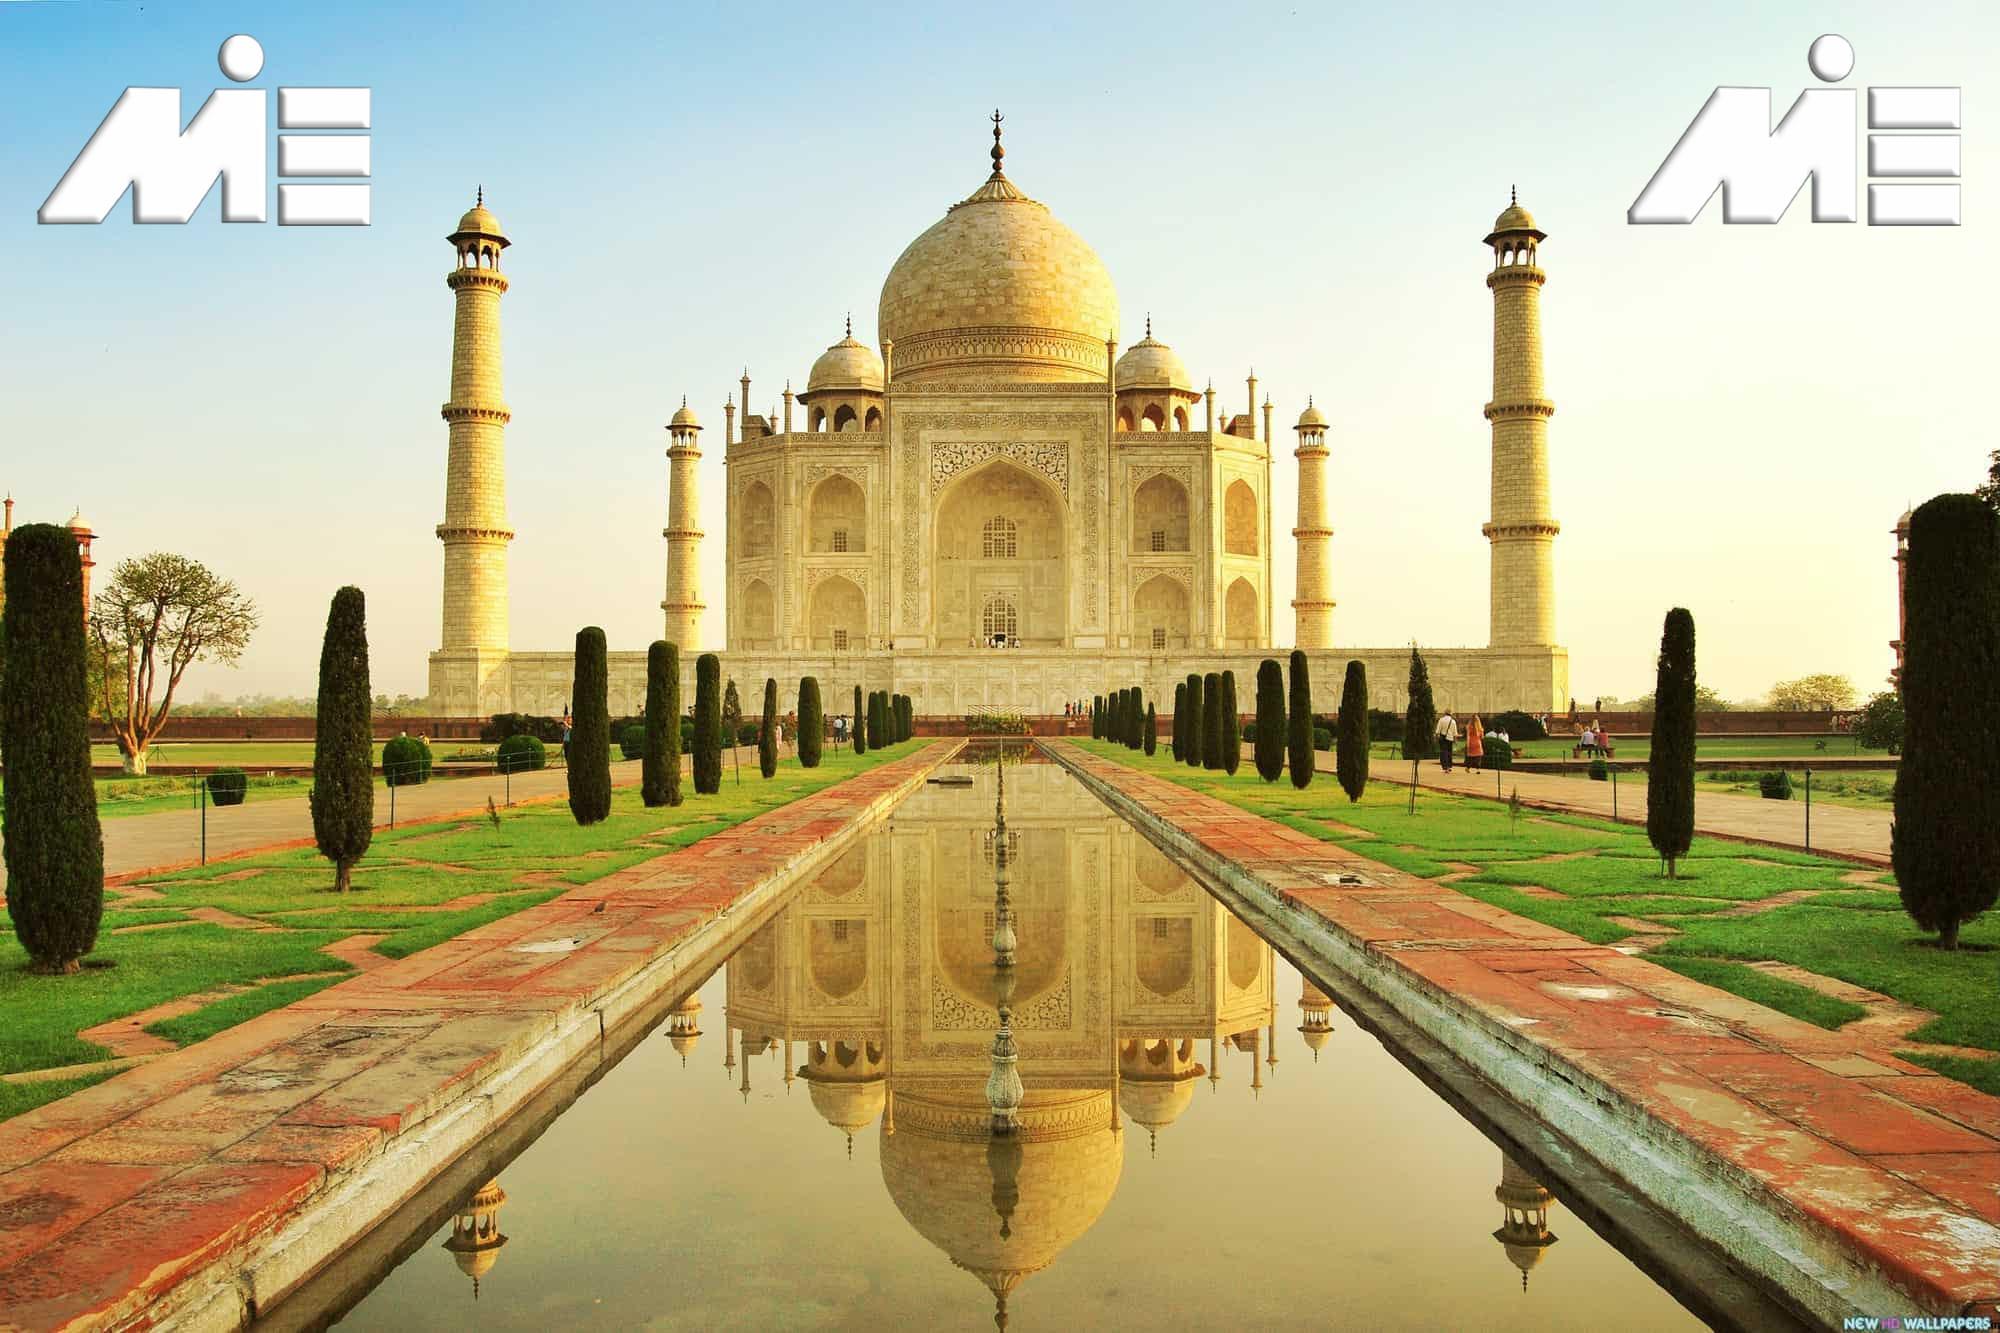 تاج محل ـ ویزای توریستی هند ـ زیبایی های هندوستان